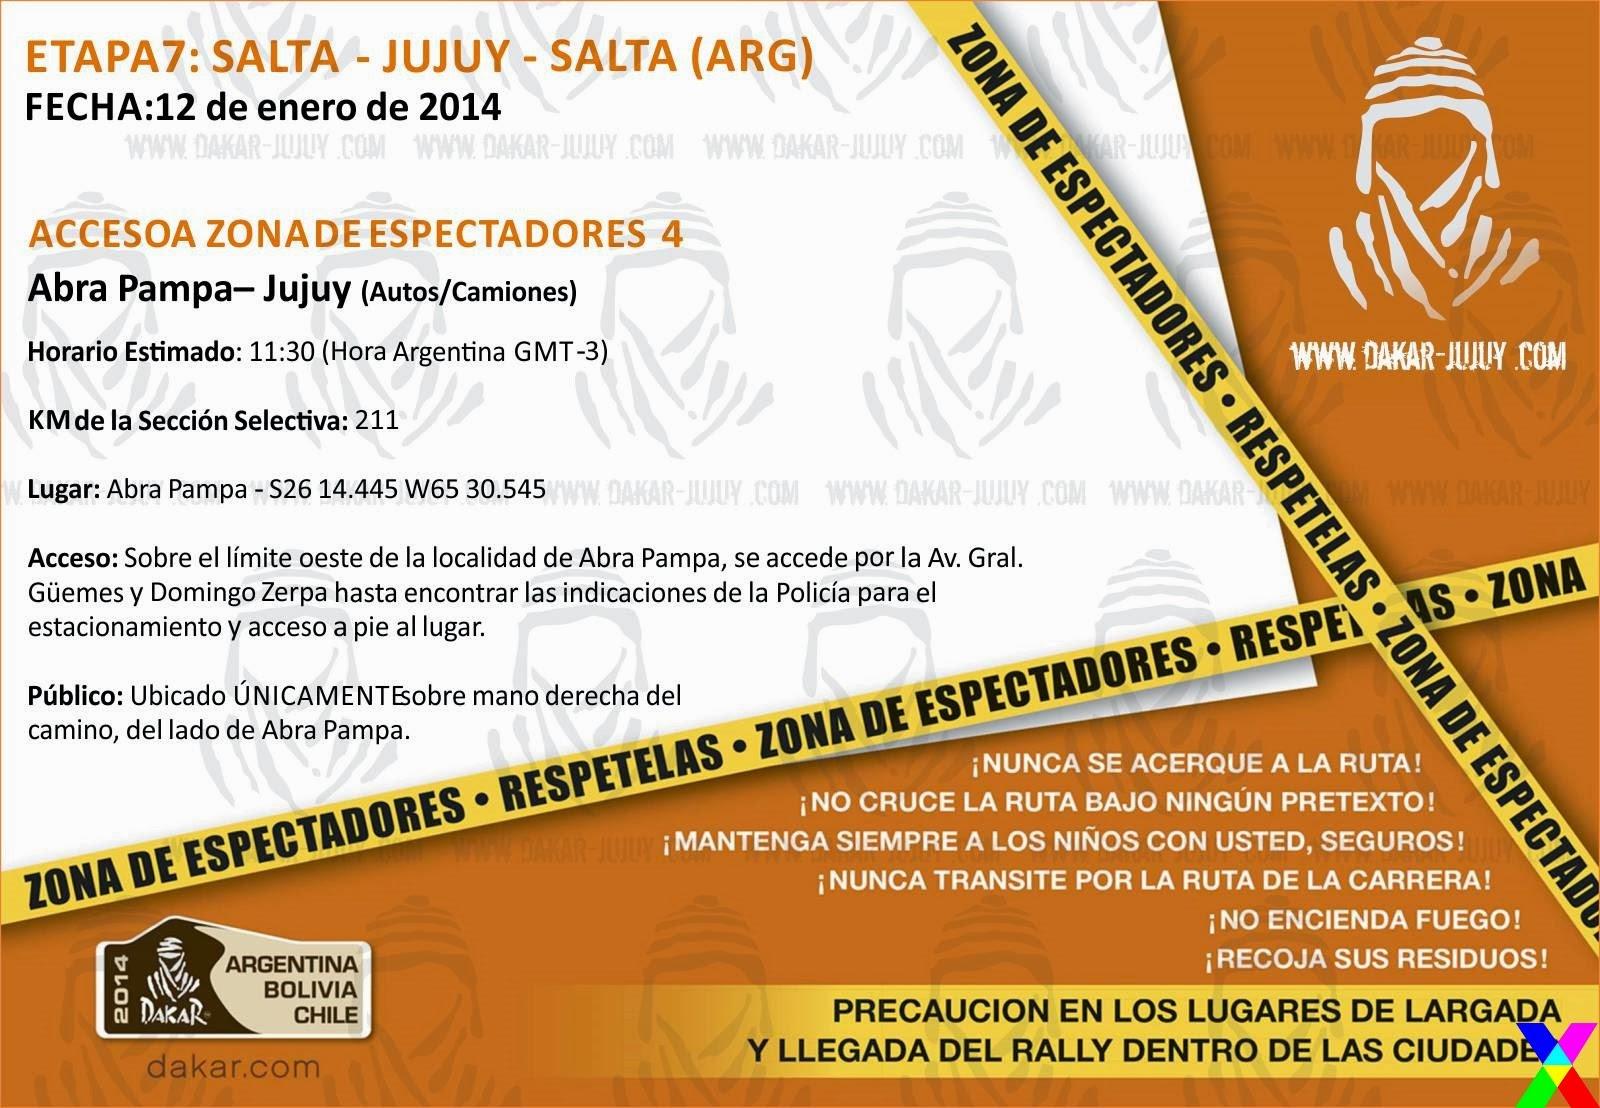 Zona de Espectadores 4 Jujuy - Dakar 2014